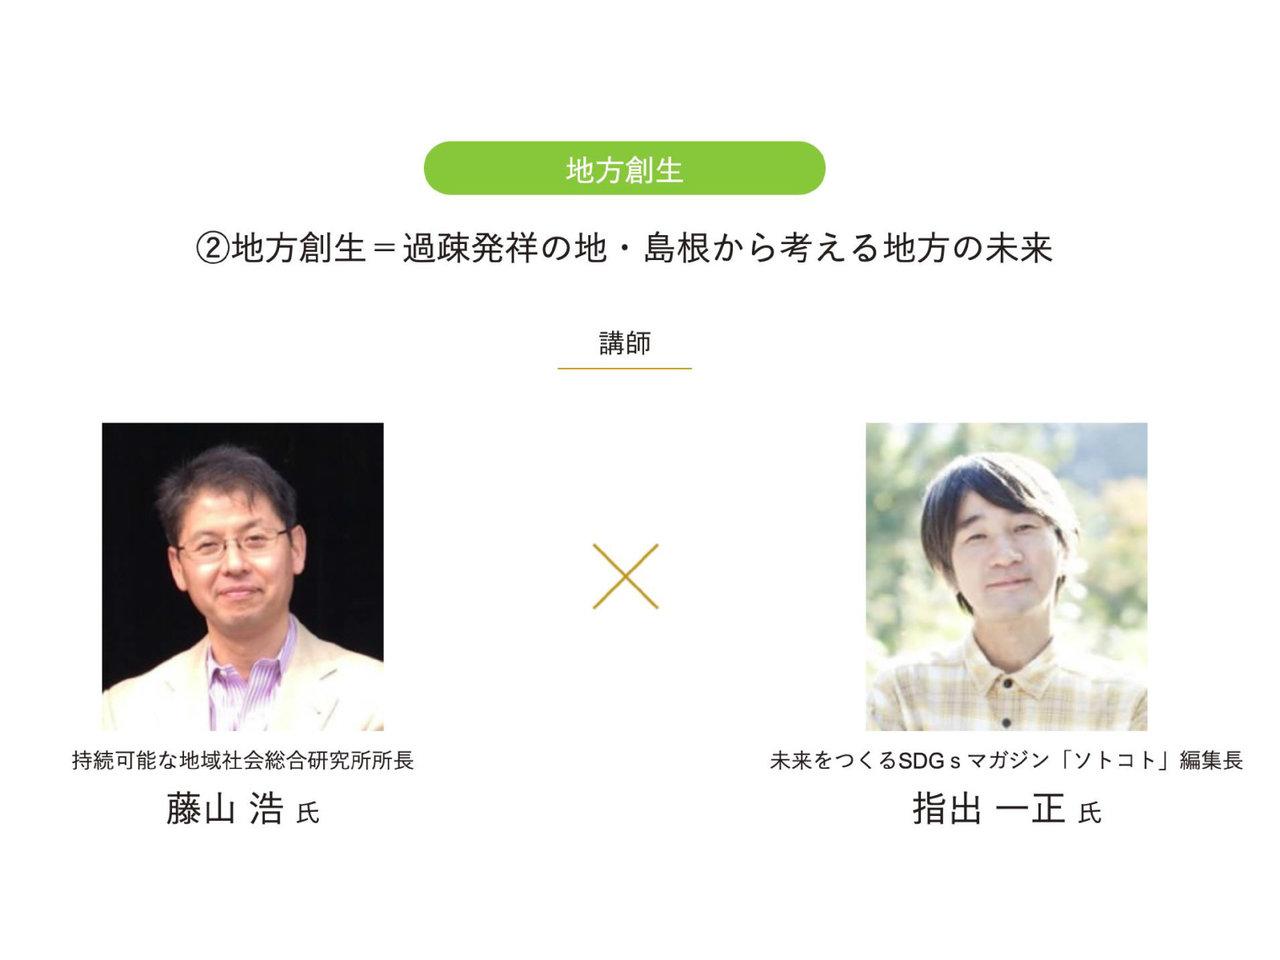 島根県松江市で「地方創生=島根から考える地方の未来」のトークセッション、お待ちしています!